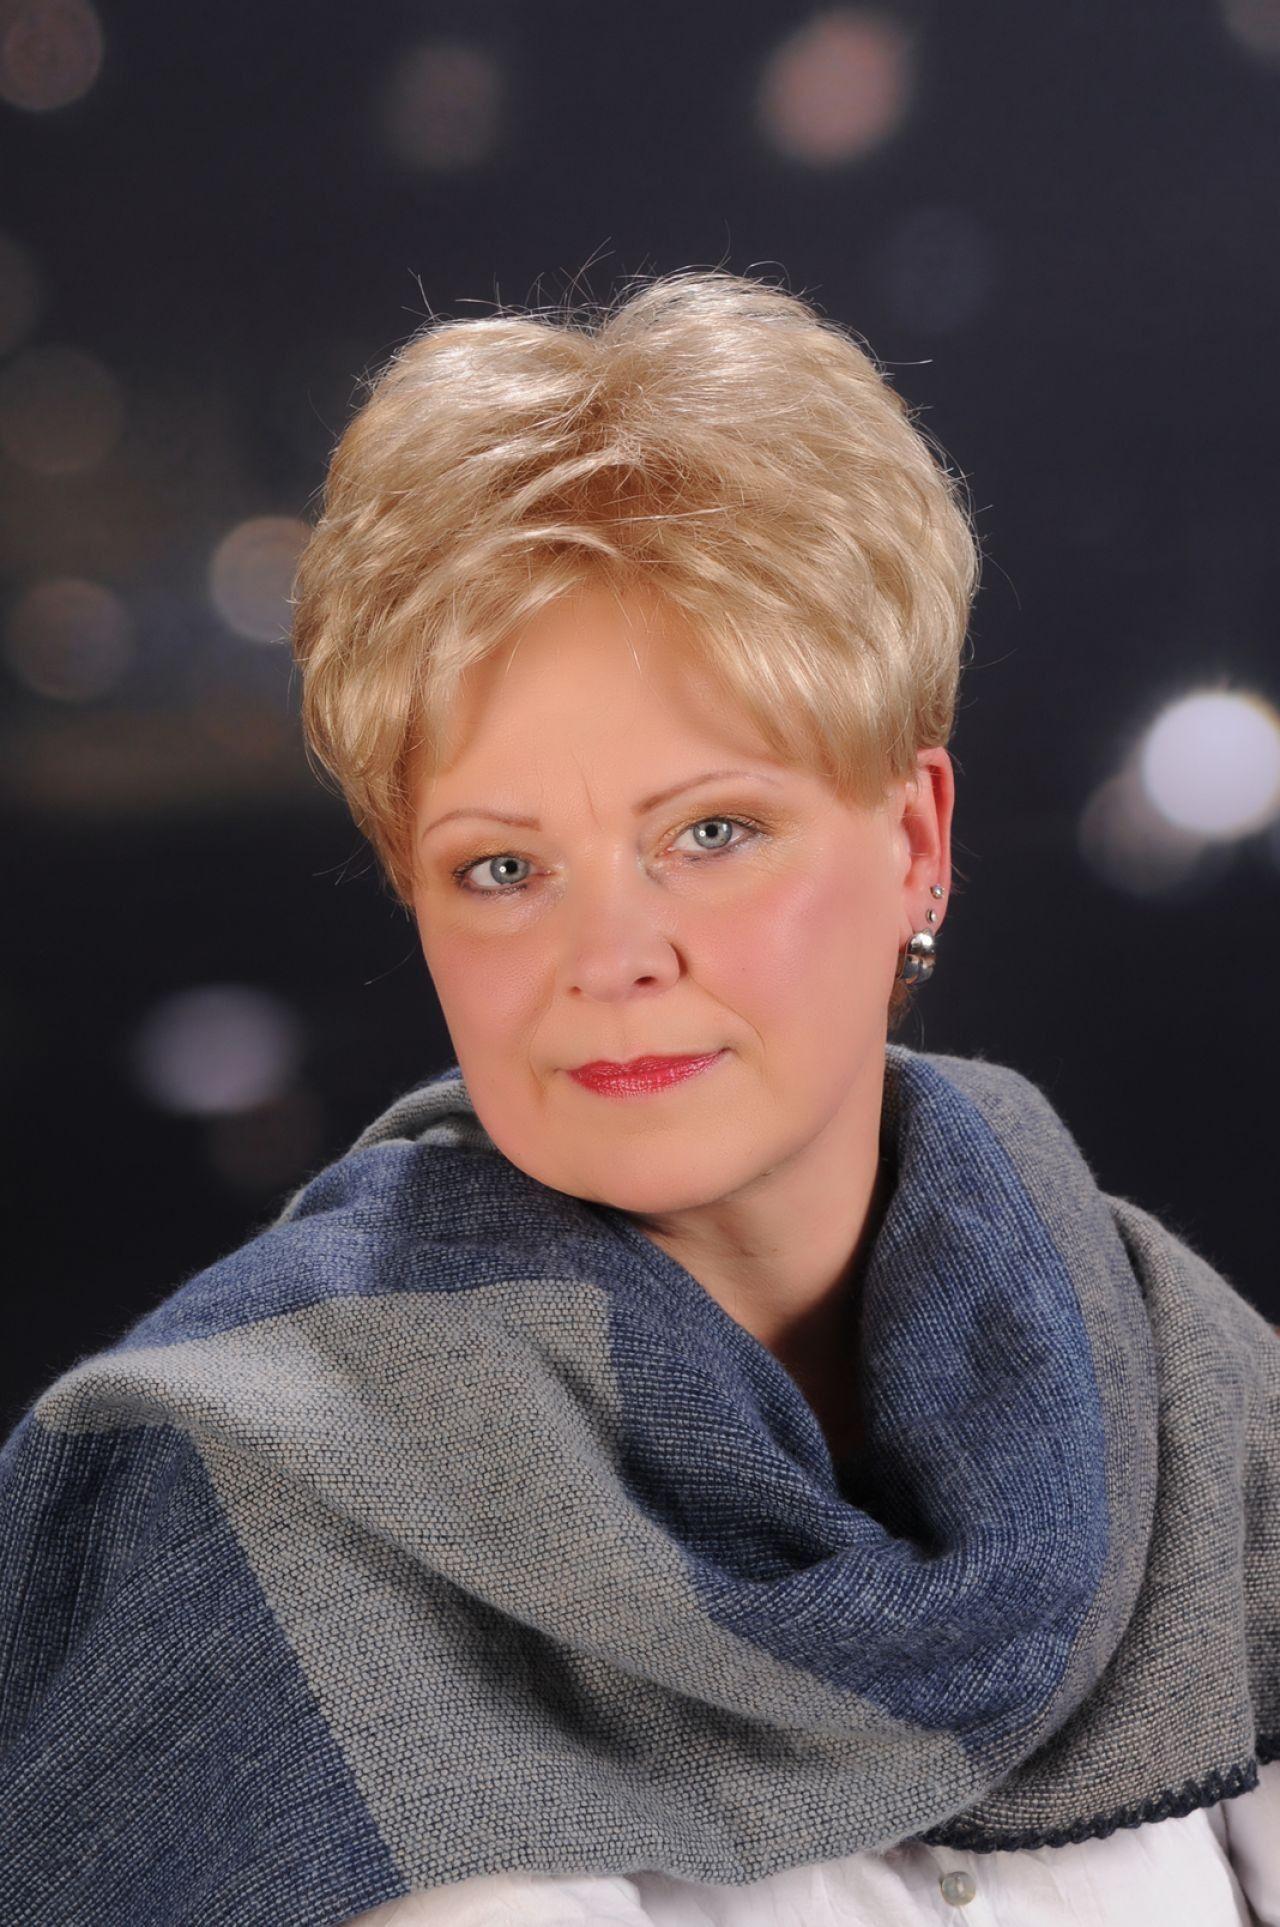 Gisela-Mayer Hieske Haarfantasien 2020-08-26 18:11:09